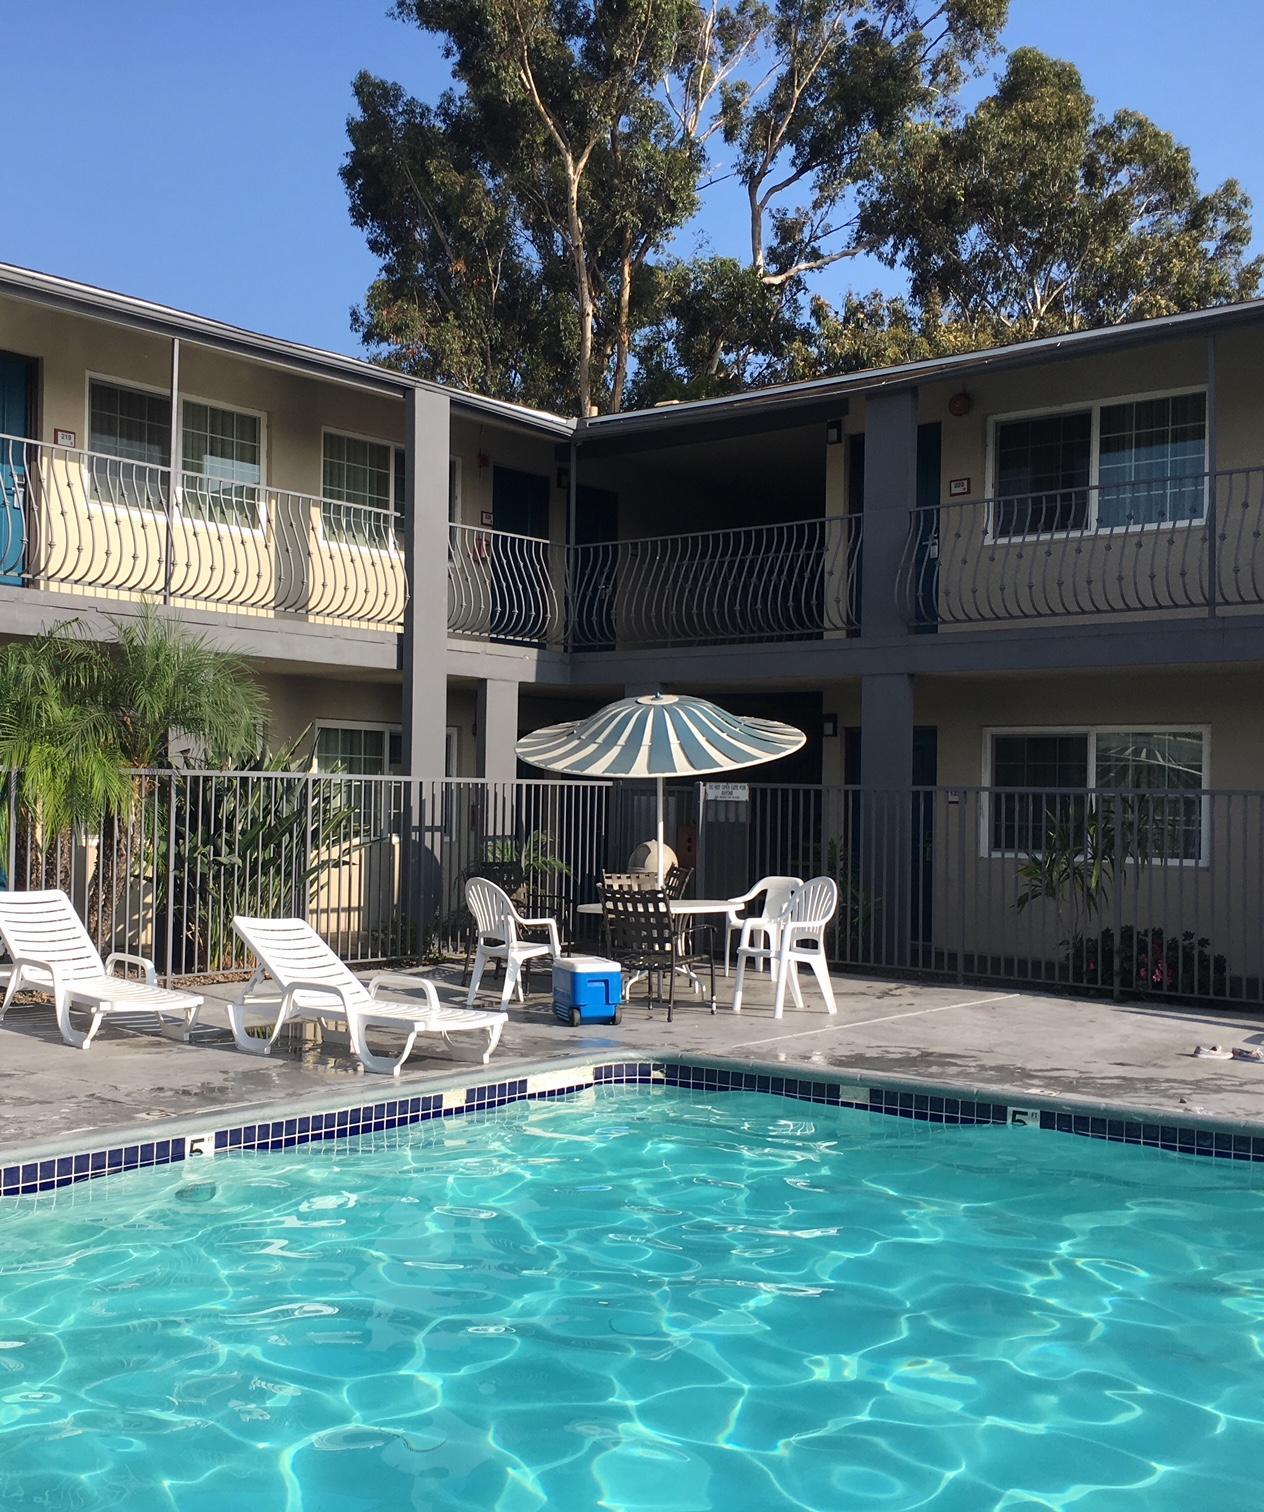 Days Inn By Wyndham San Diego El Cajon In El Cajon